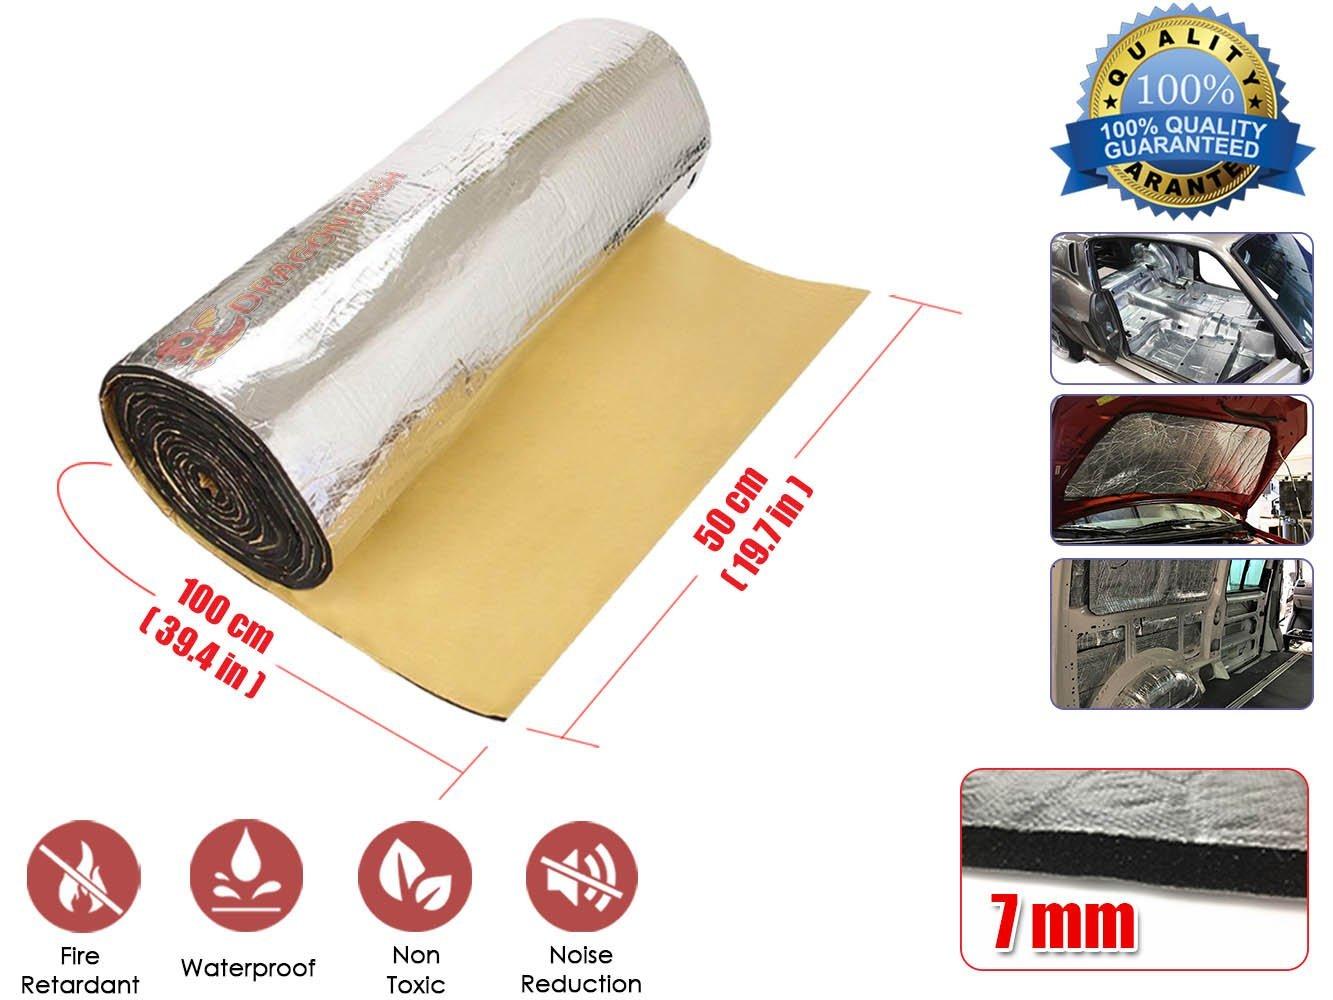 Alfombrilla de espuma de Deadener Super Dash con paneles ignífugos de aluminio: Amazon.es: Coche y moto